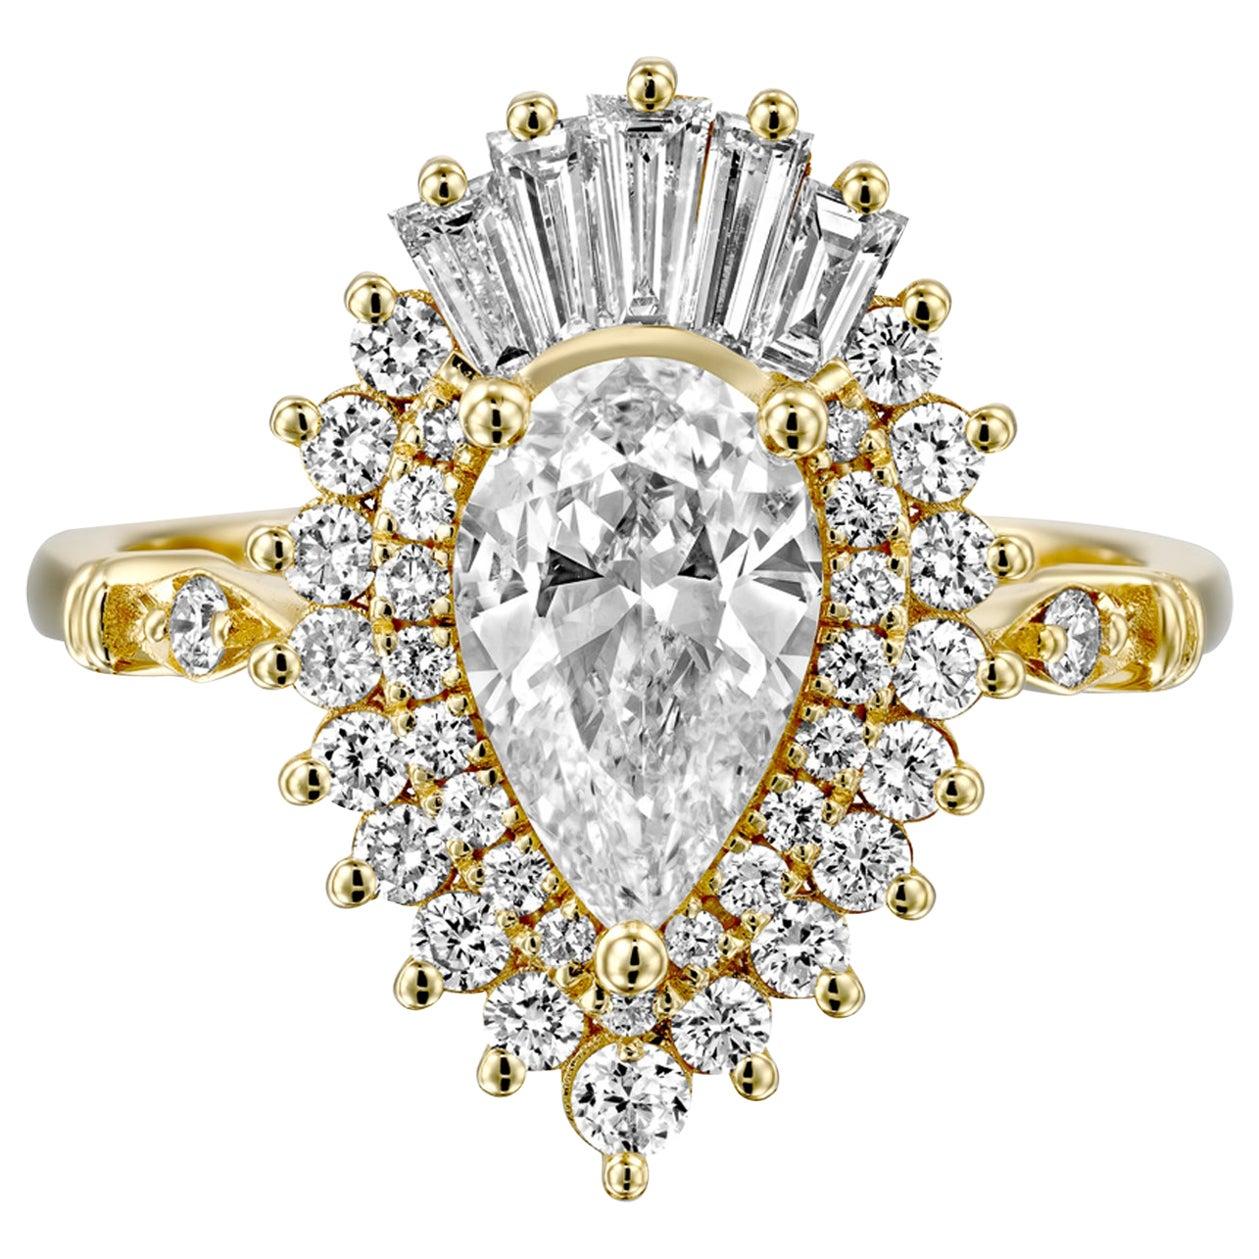 1 3/4 Carat GIA Diamond Ring, Gatsby Pear Halo 18 Karat Yellow Gold Ring